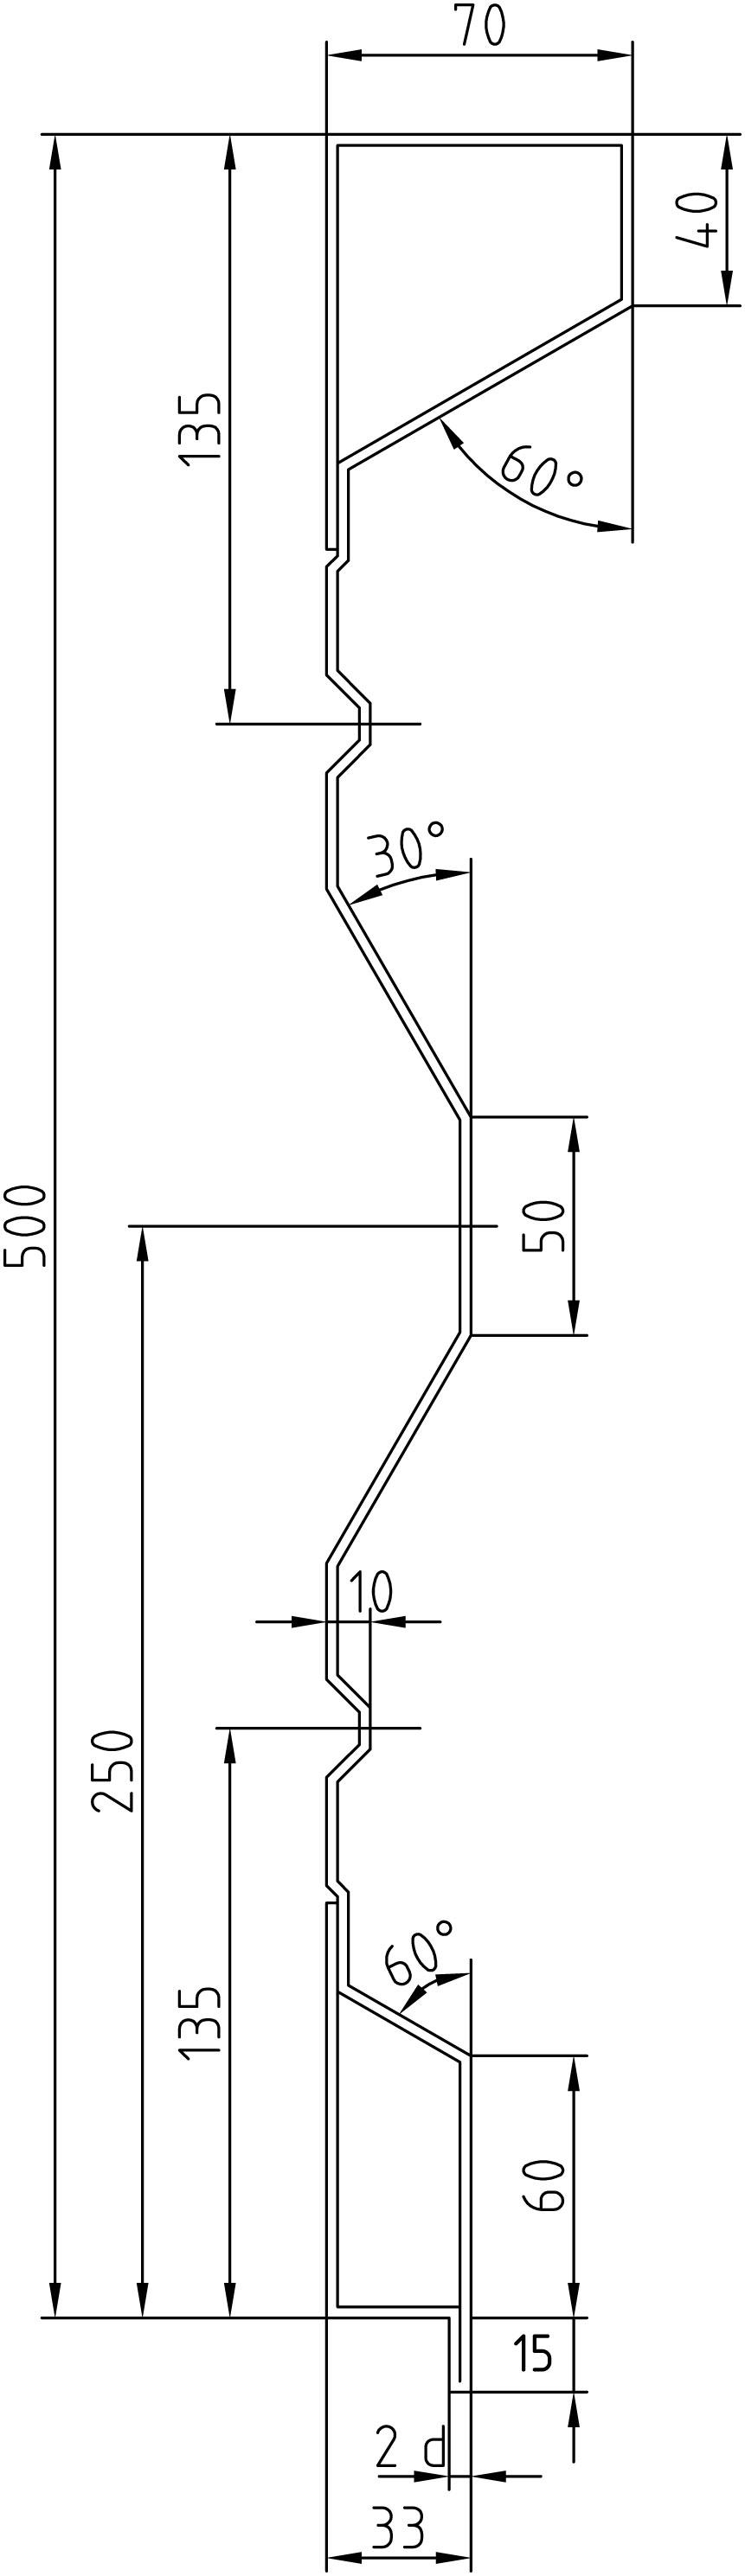 Brantner Kipper und Anhänger - 500x2x5000 sideboards with trailing edges